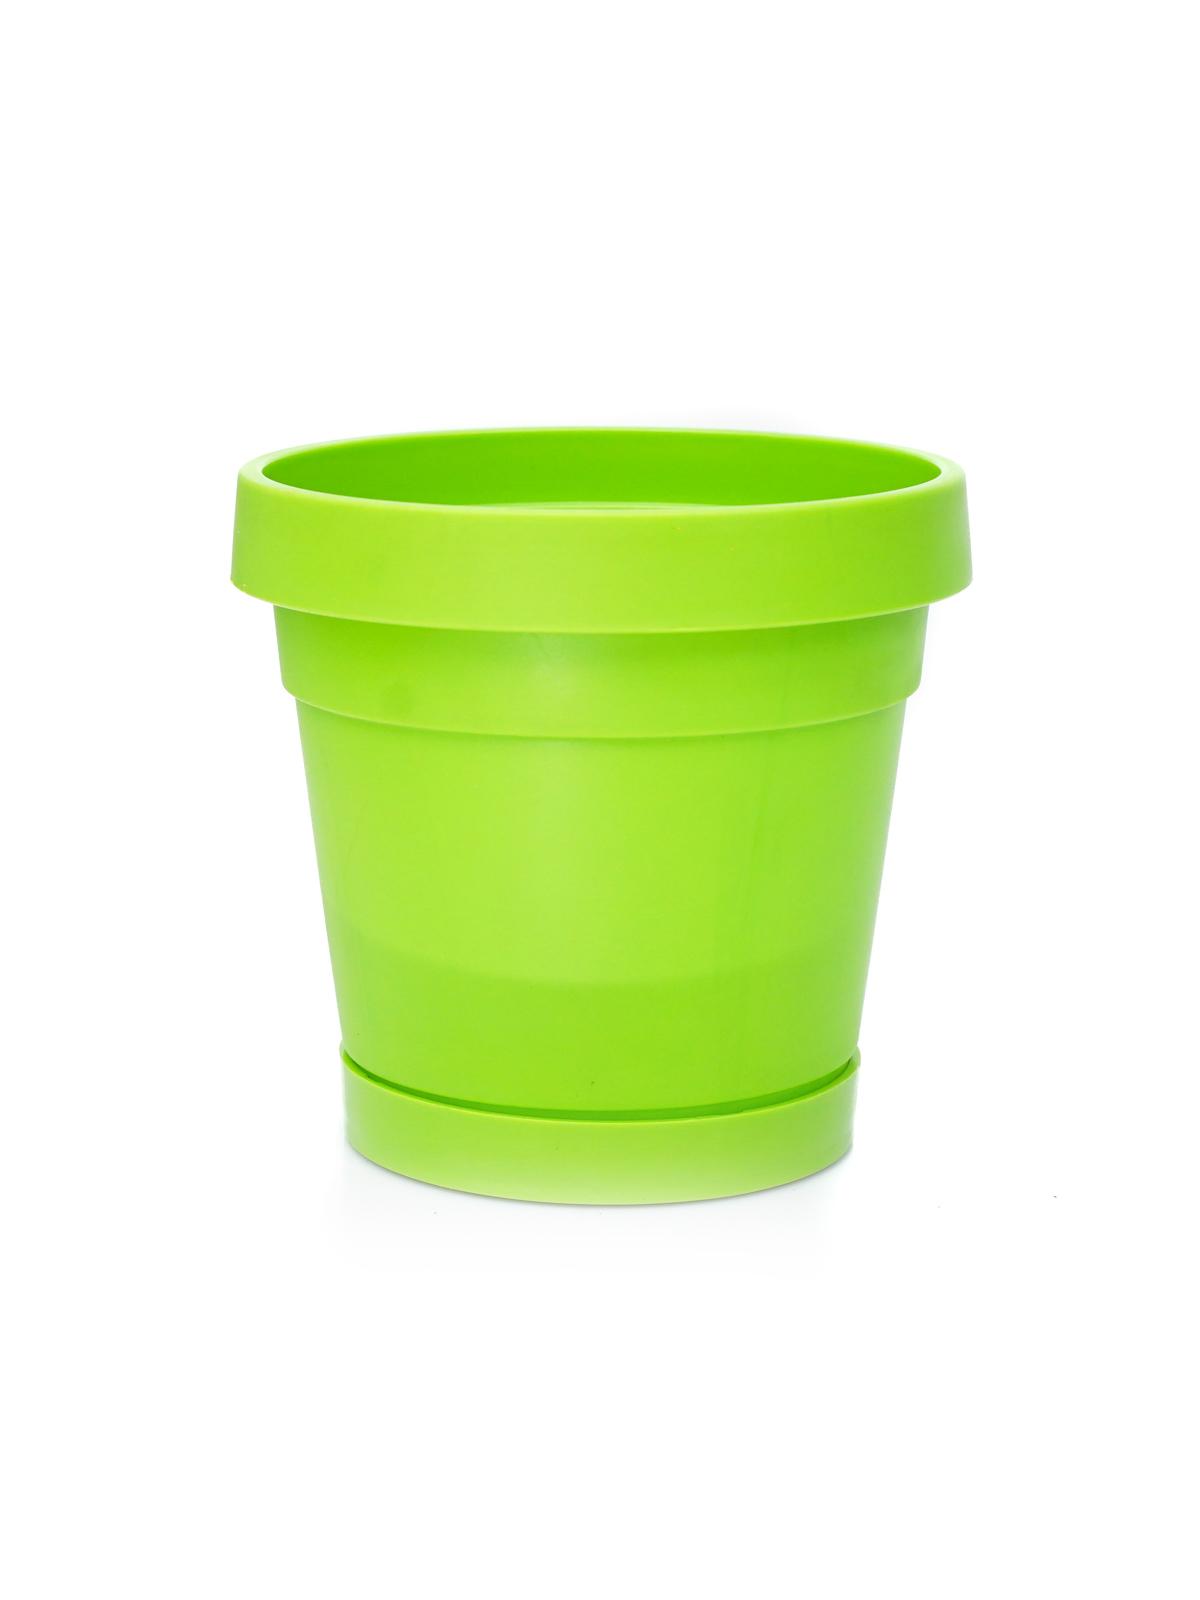 Flower Pot Pots & Vases